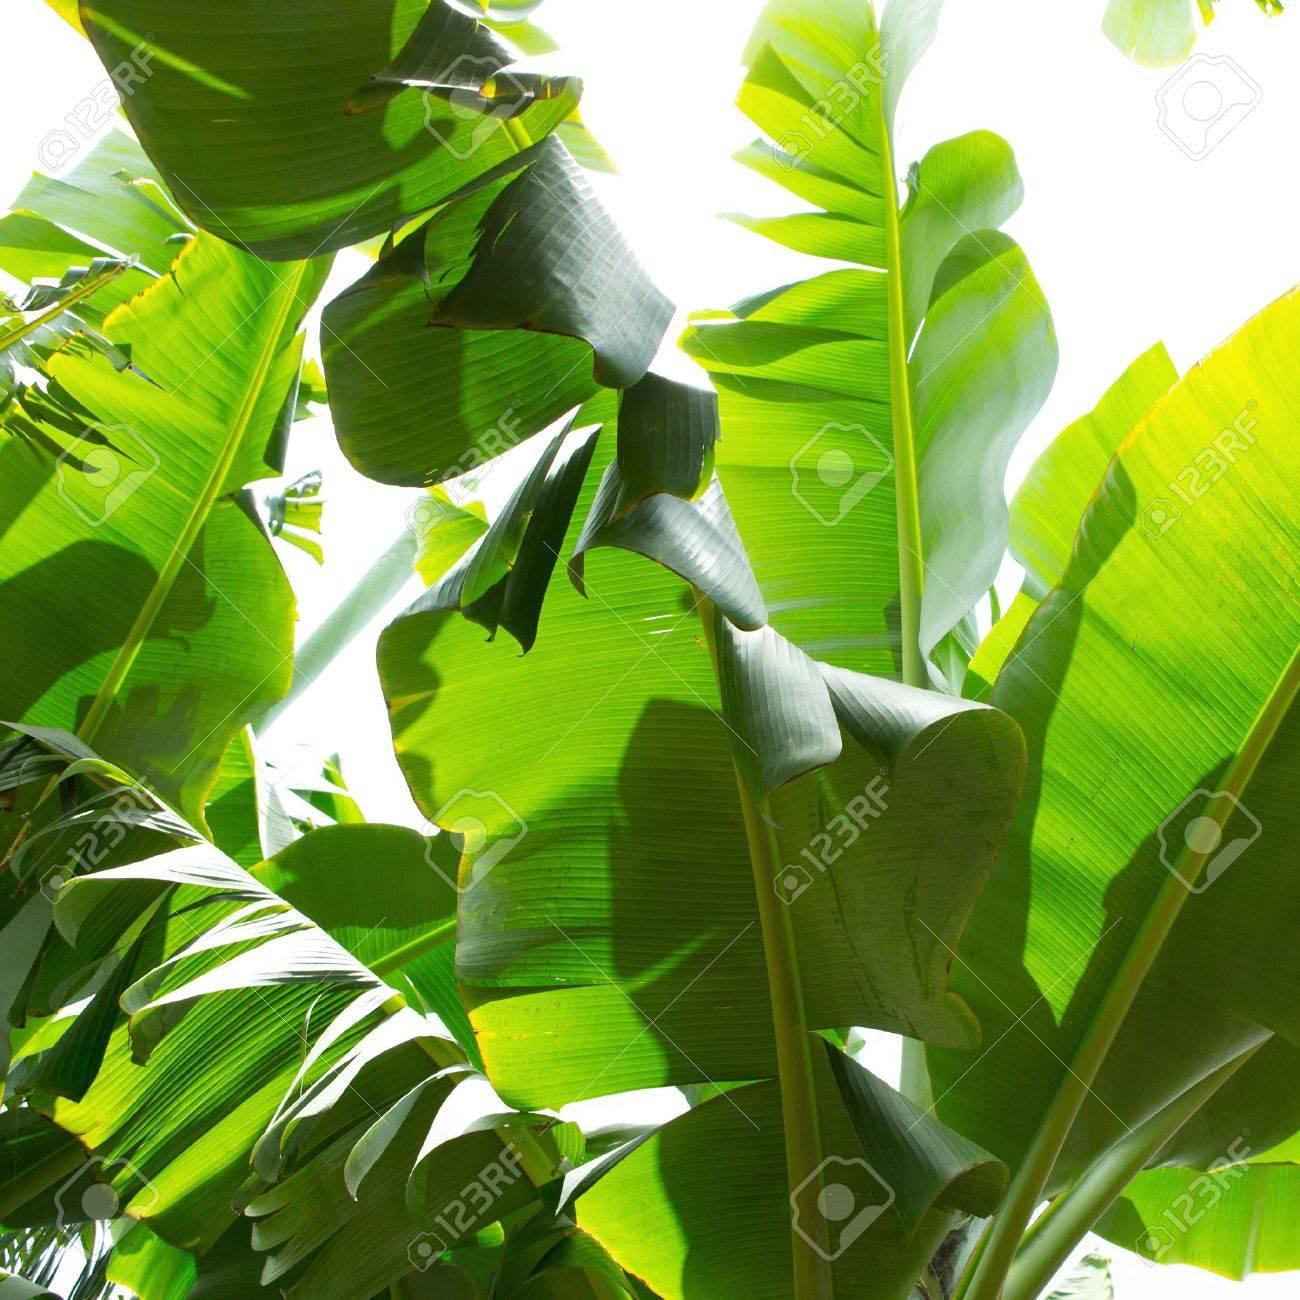 Canarian Banana plantation Platano in La Palma Canary Islands Stock Photo - 15428987